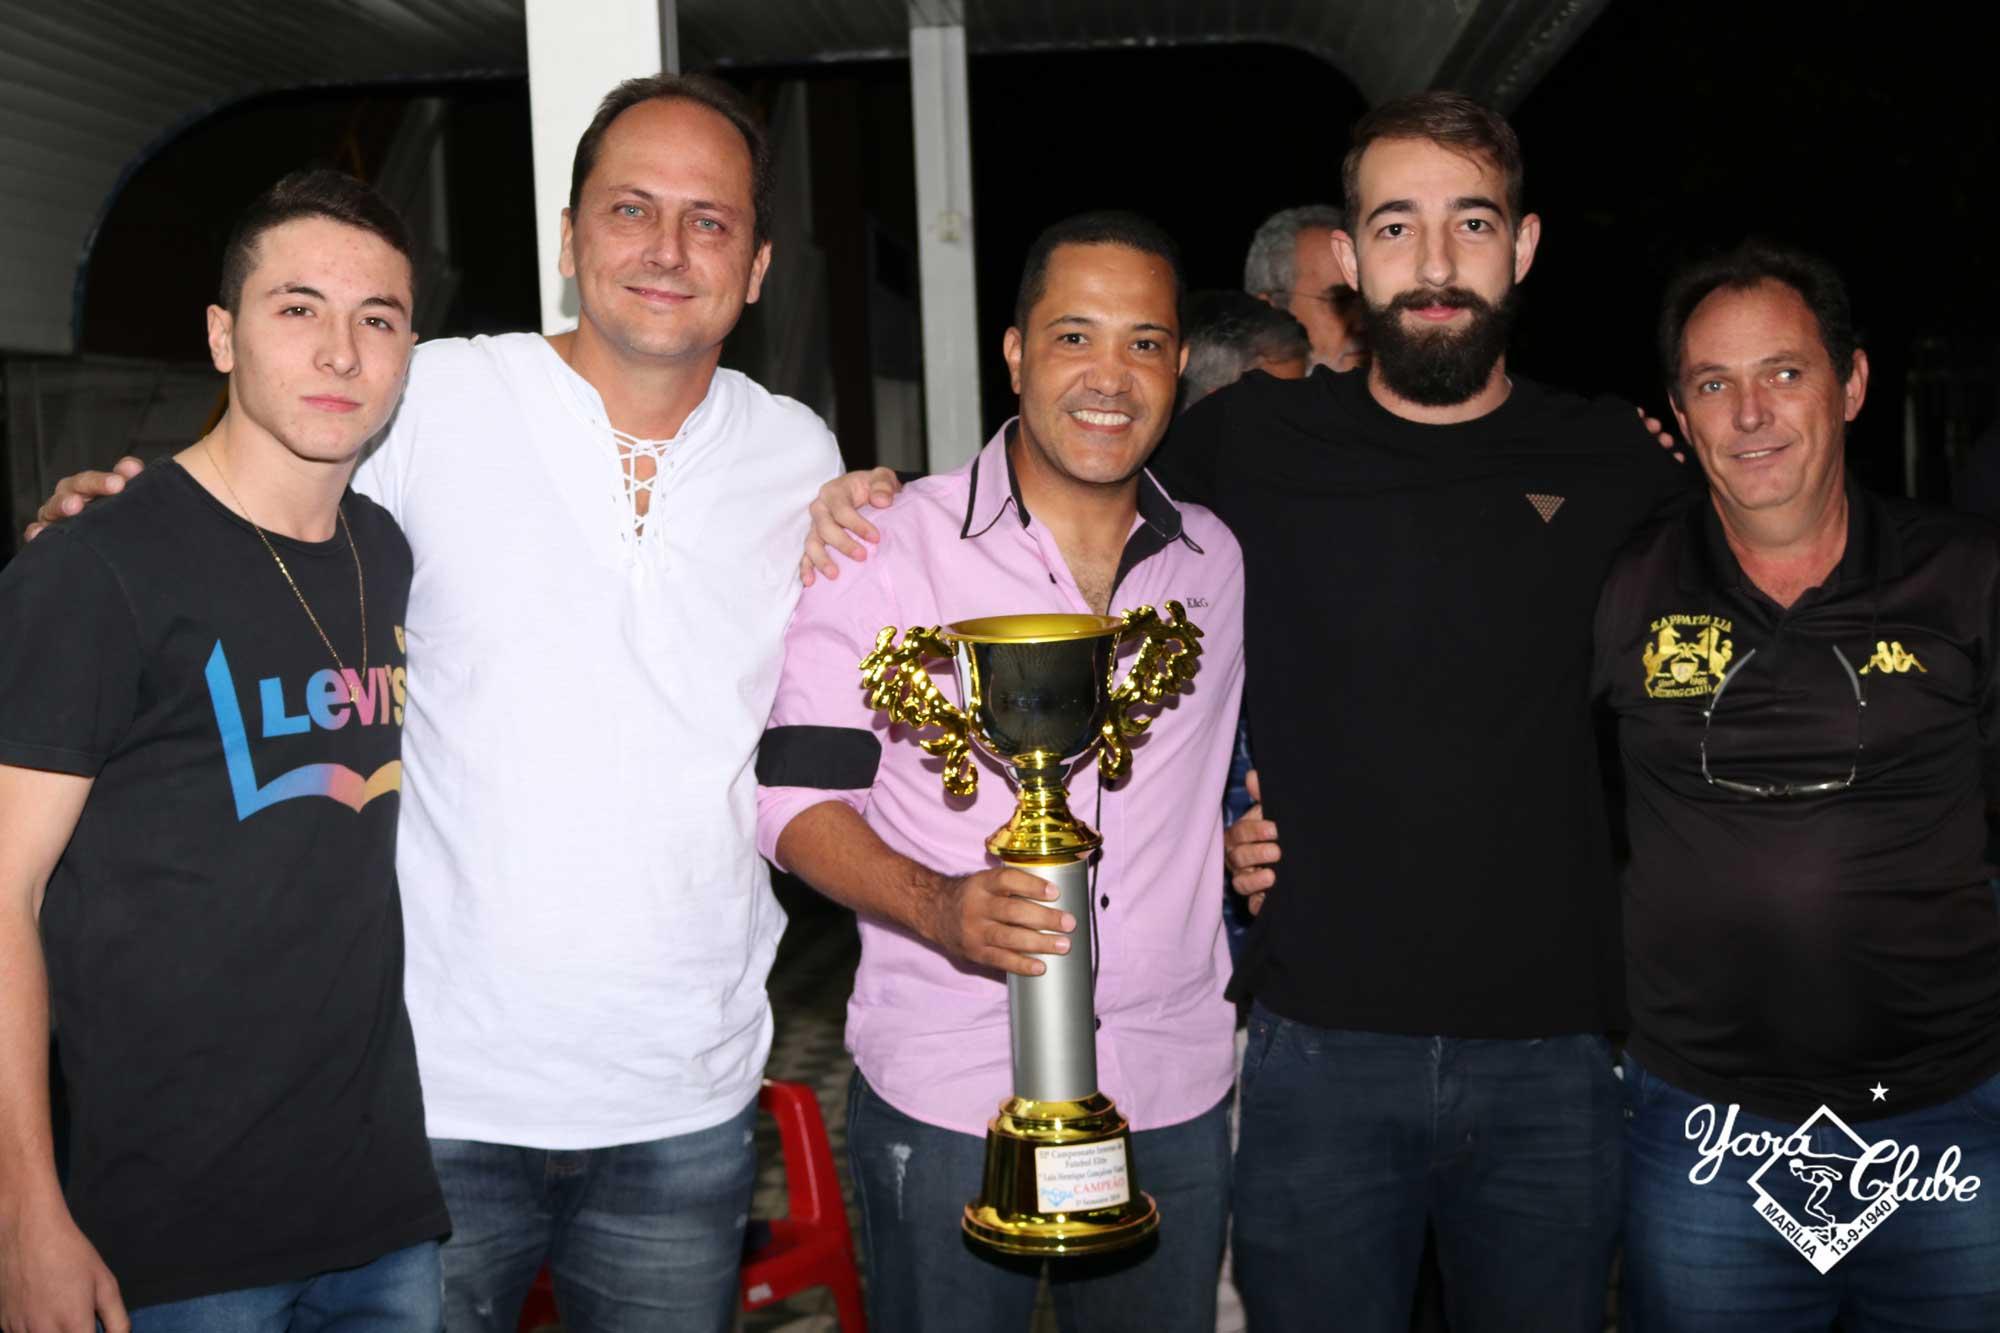 Homenagens, premiações e música boa marcam a noite de sexta no Yara Clube